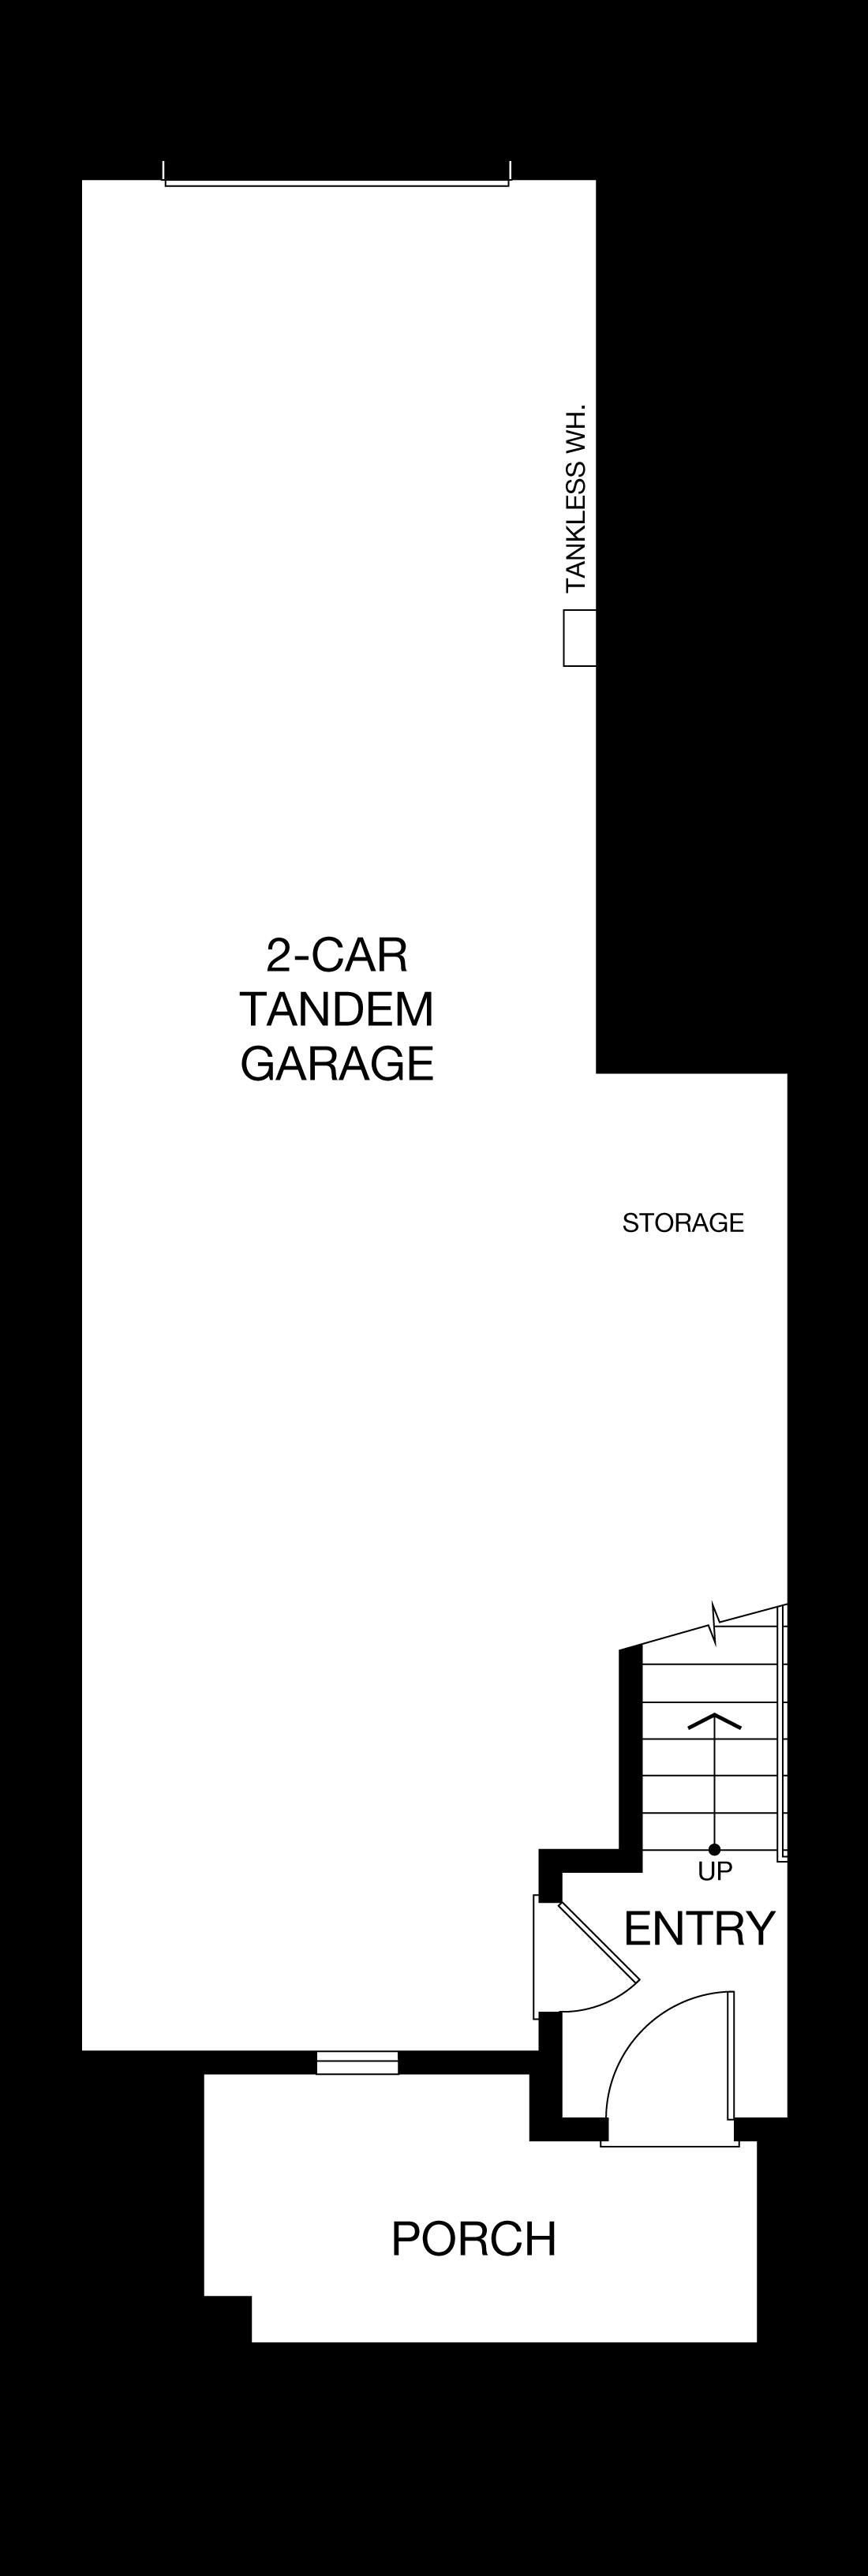 Plan A2